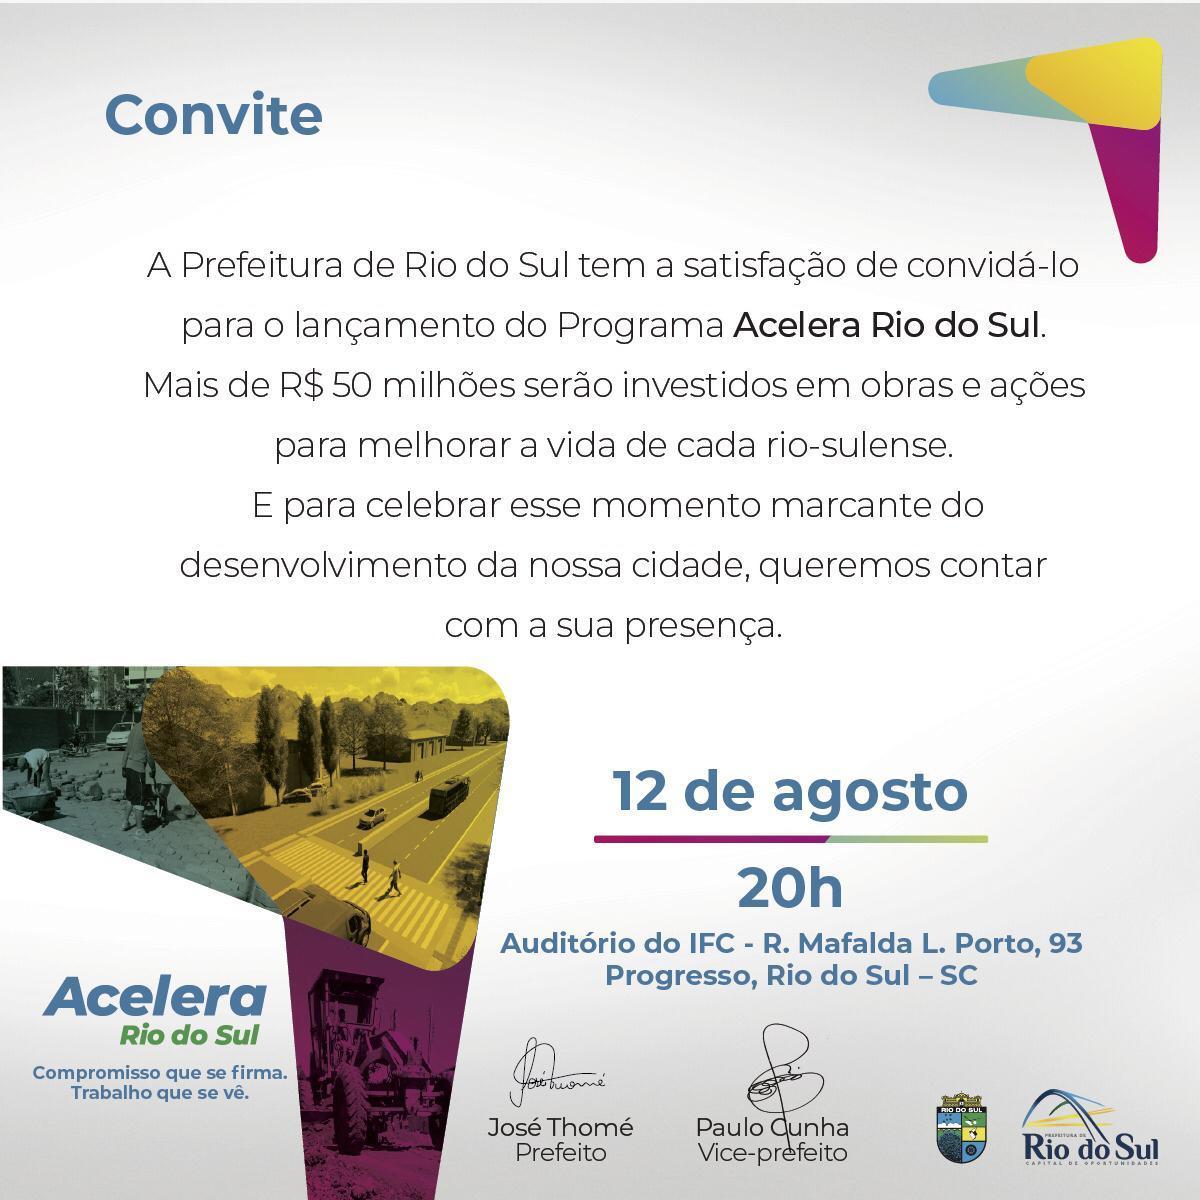 Rio do Sul lança pacote de investimento no valor de R$ 50 milhões